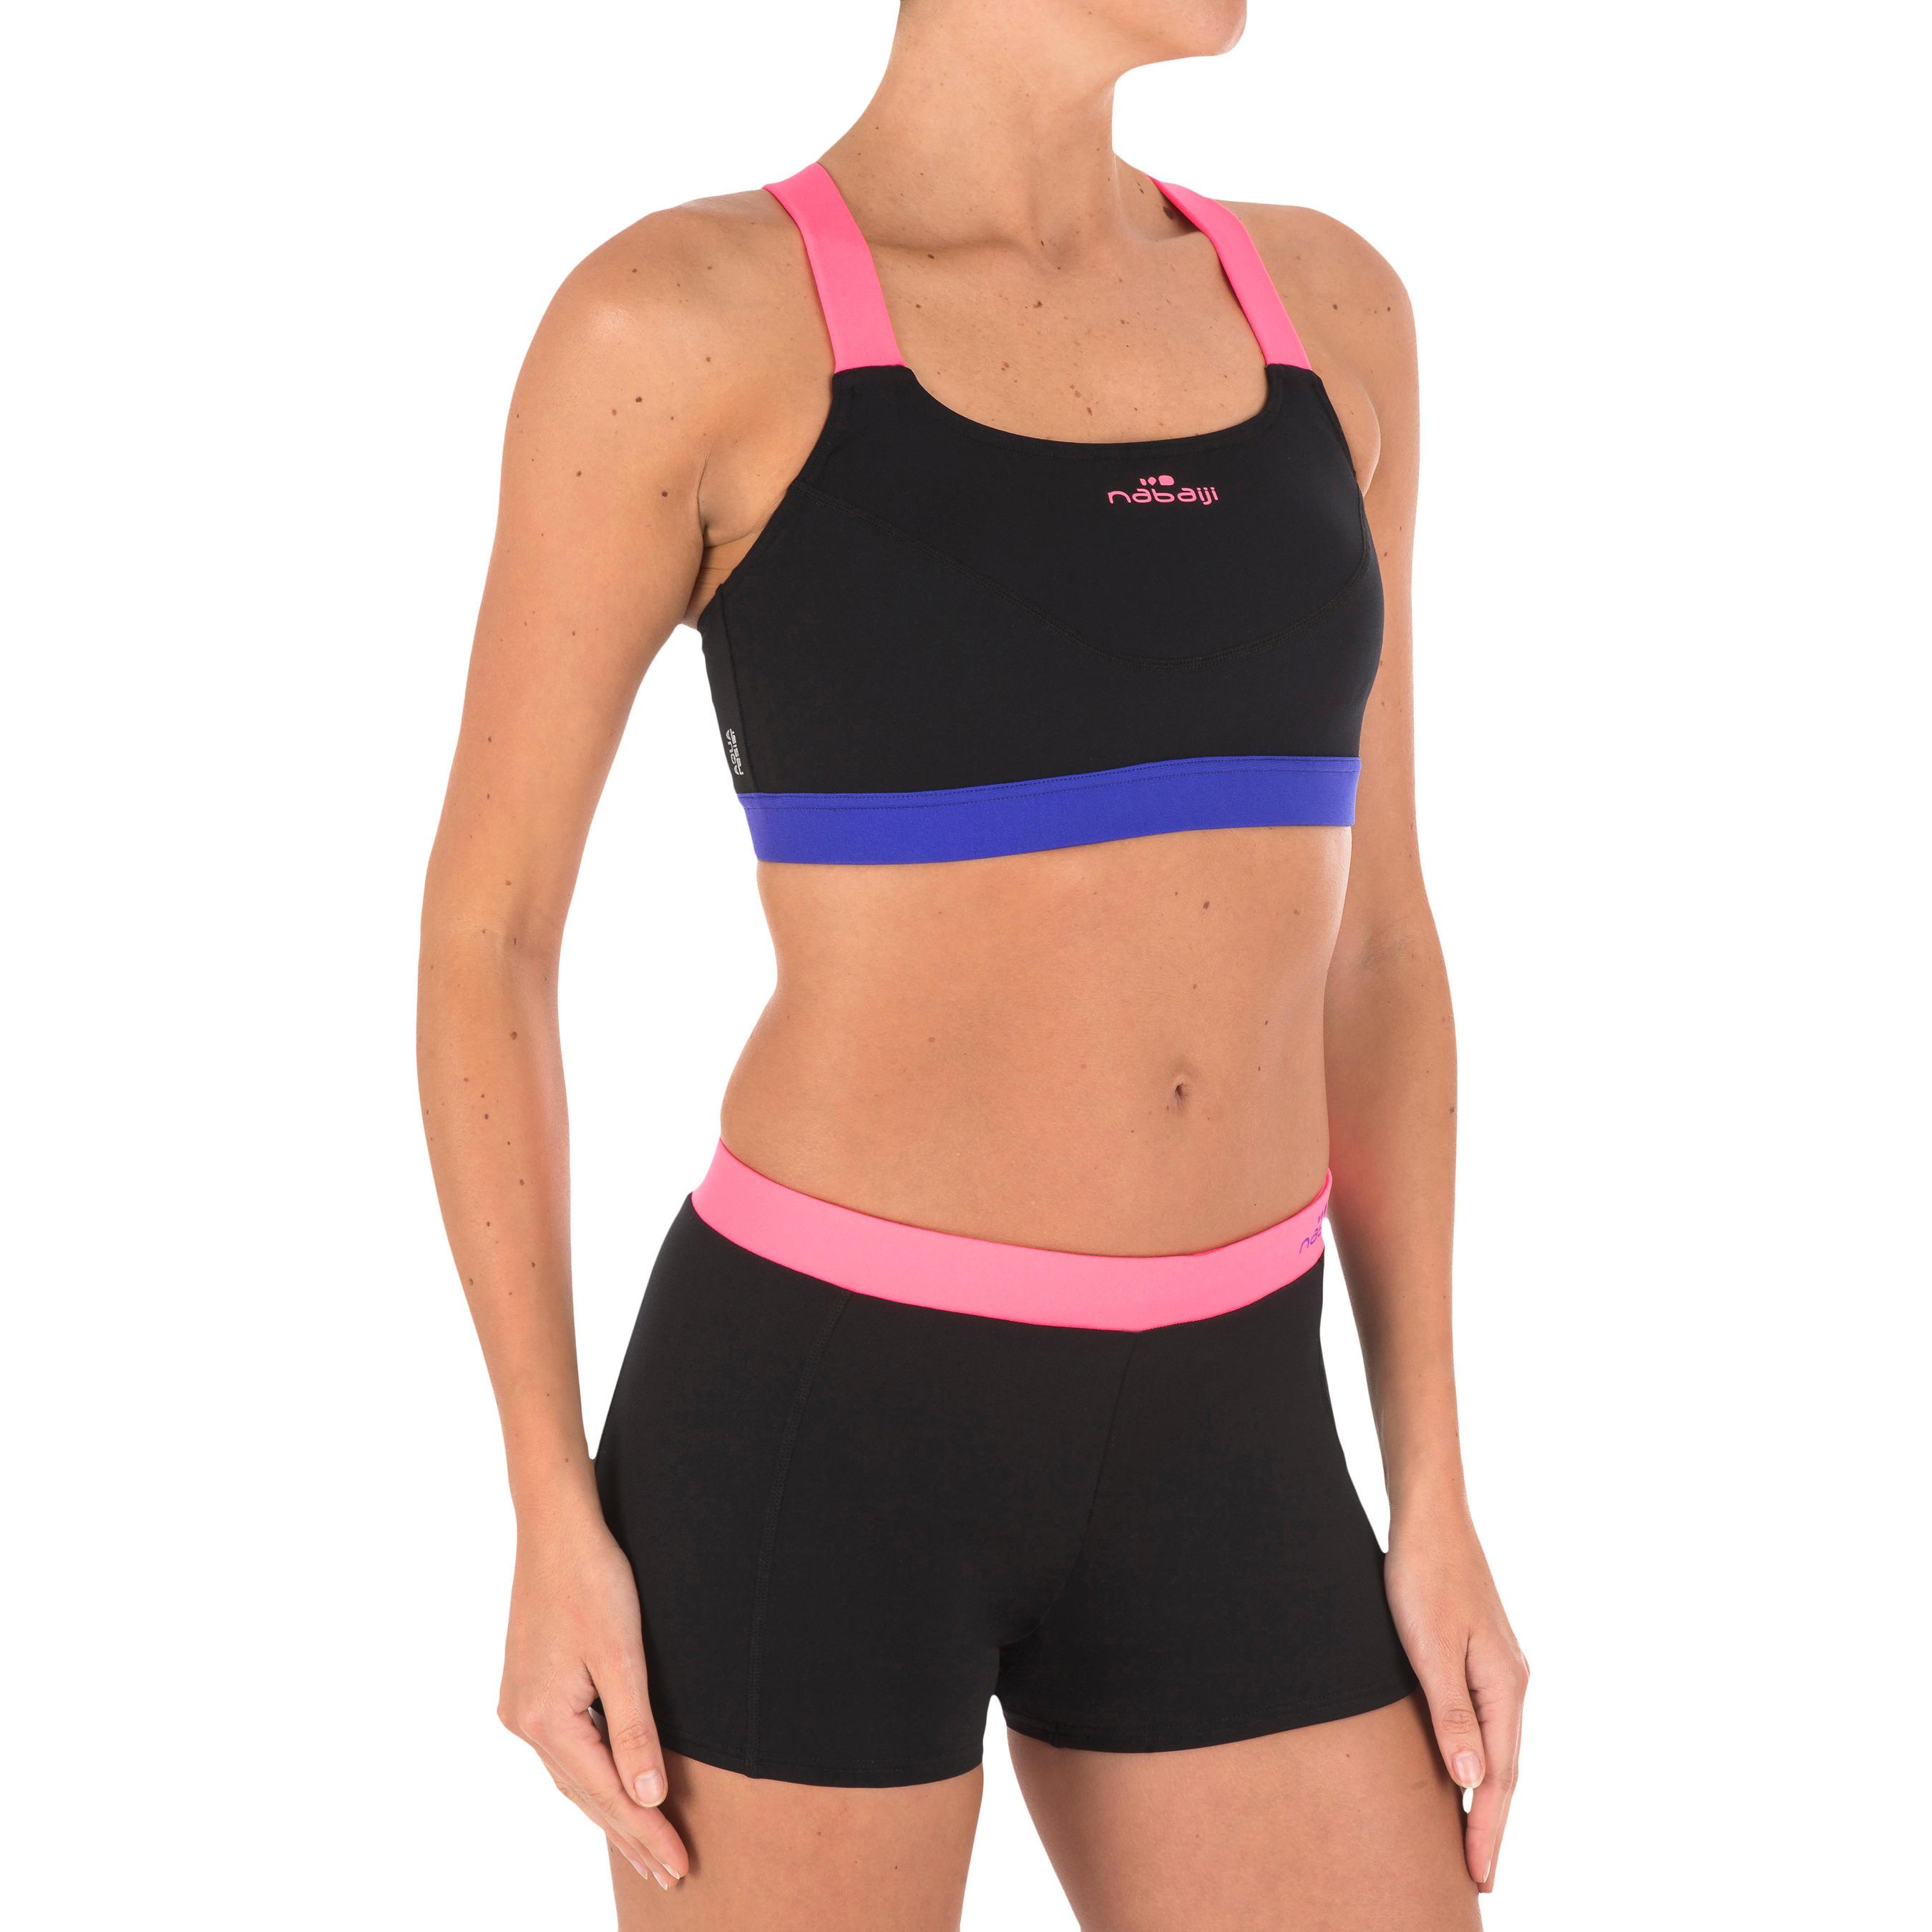 Bas de maillot de bain d'aquacycle femme résistant au chlore Anna noir rose